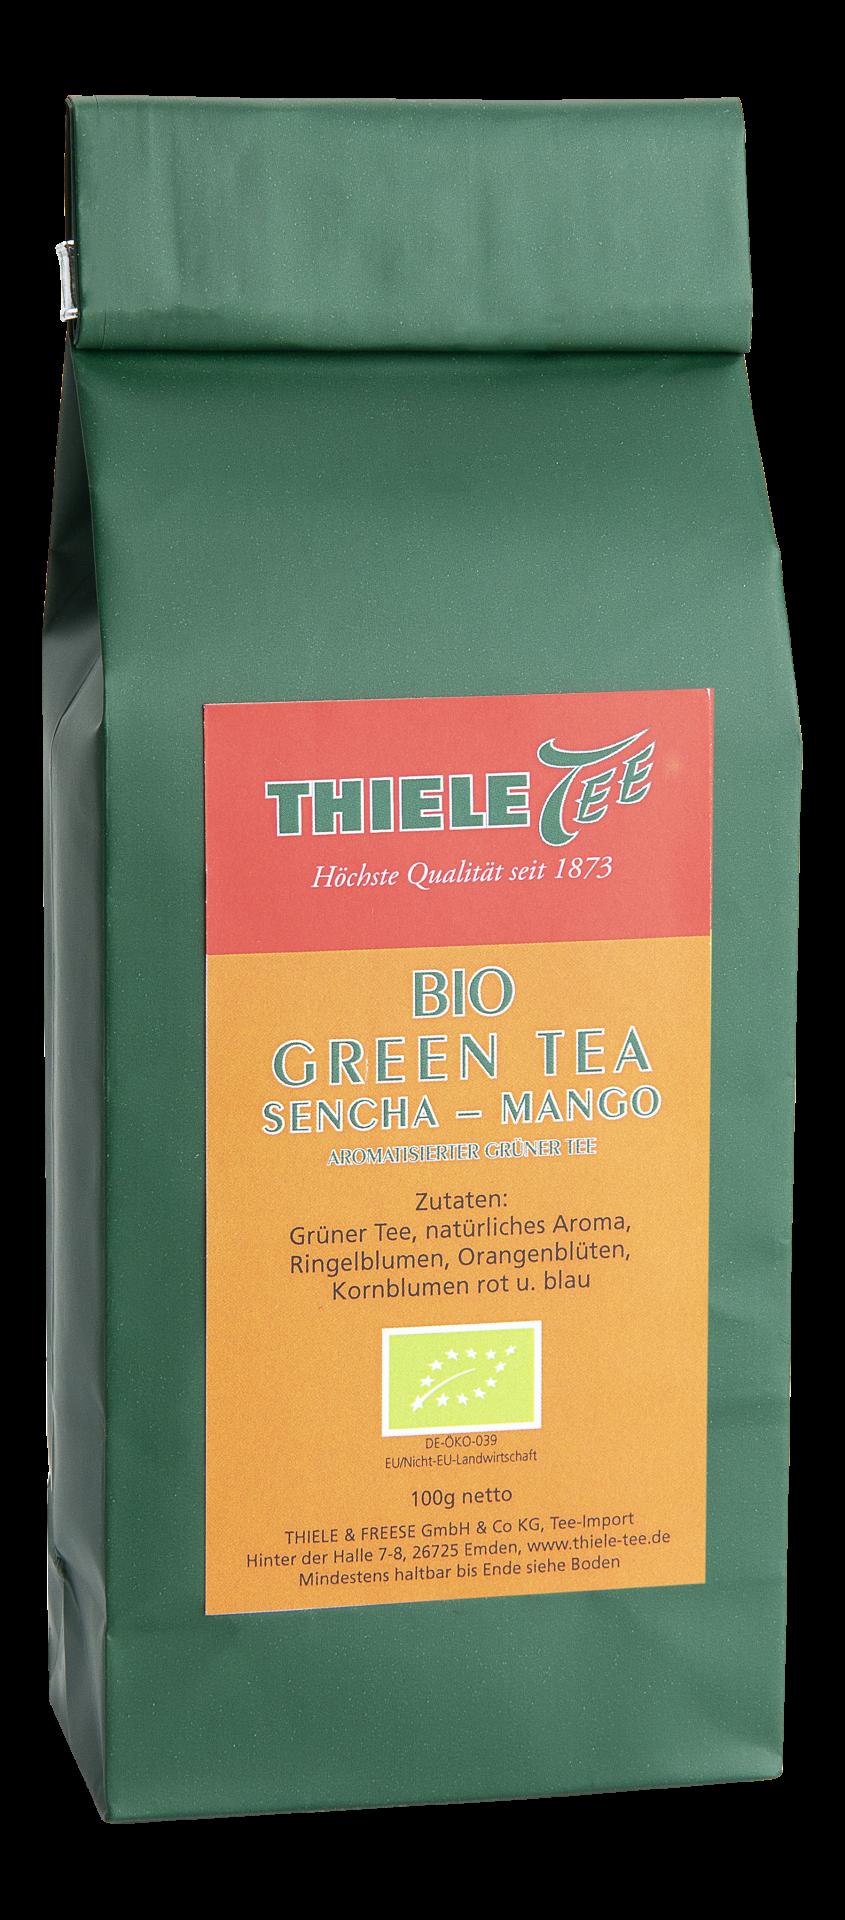 BIO Grüner Tee Sencha Mango 100g